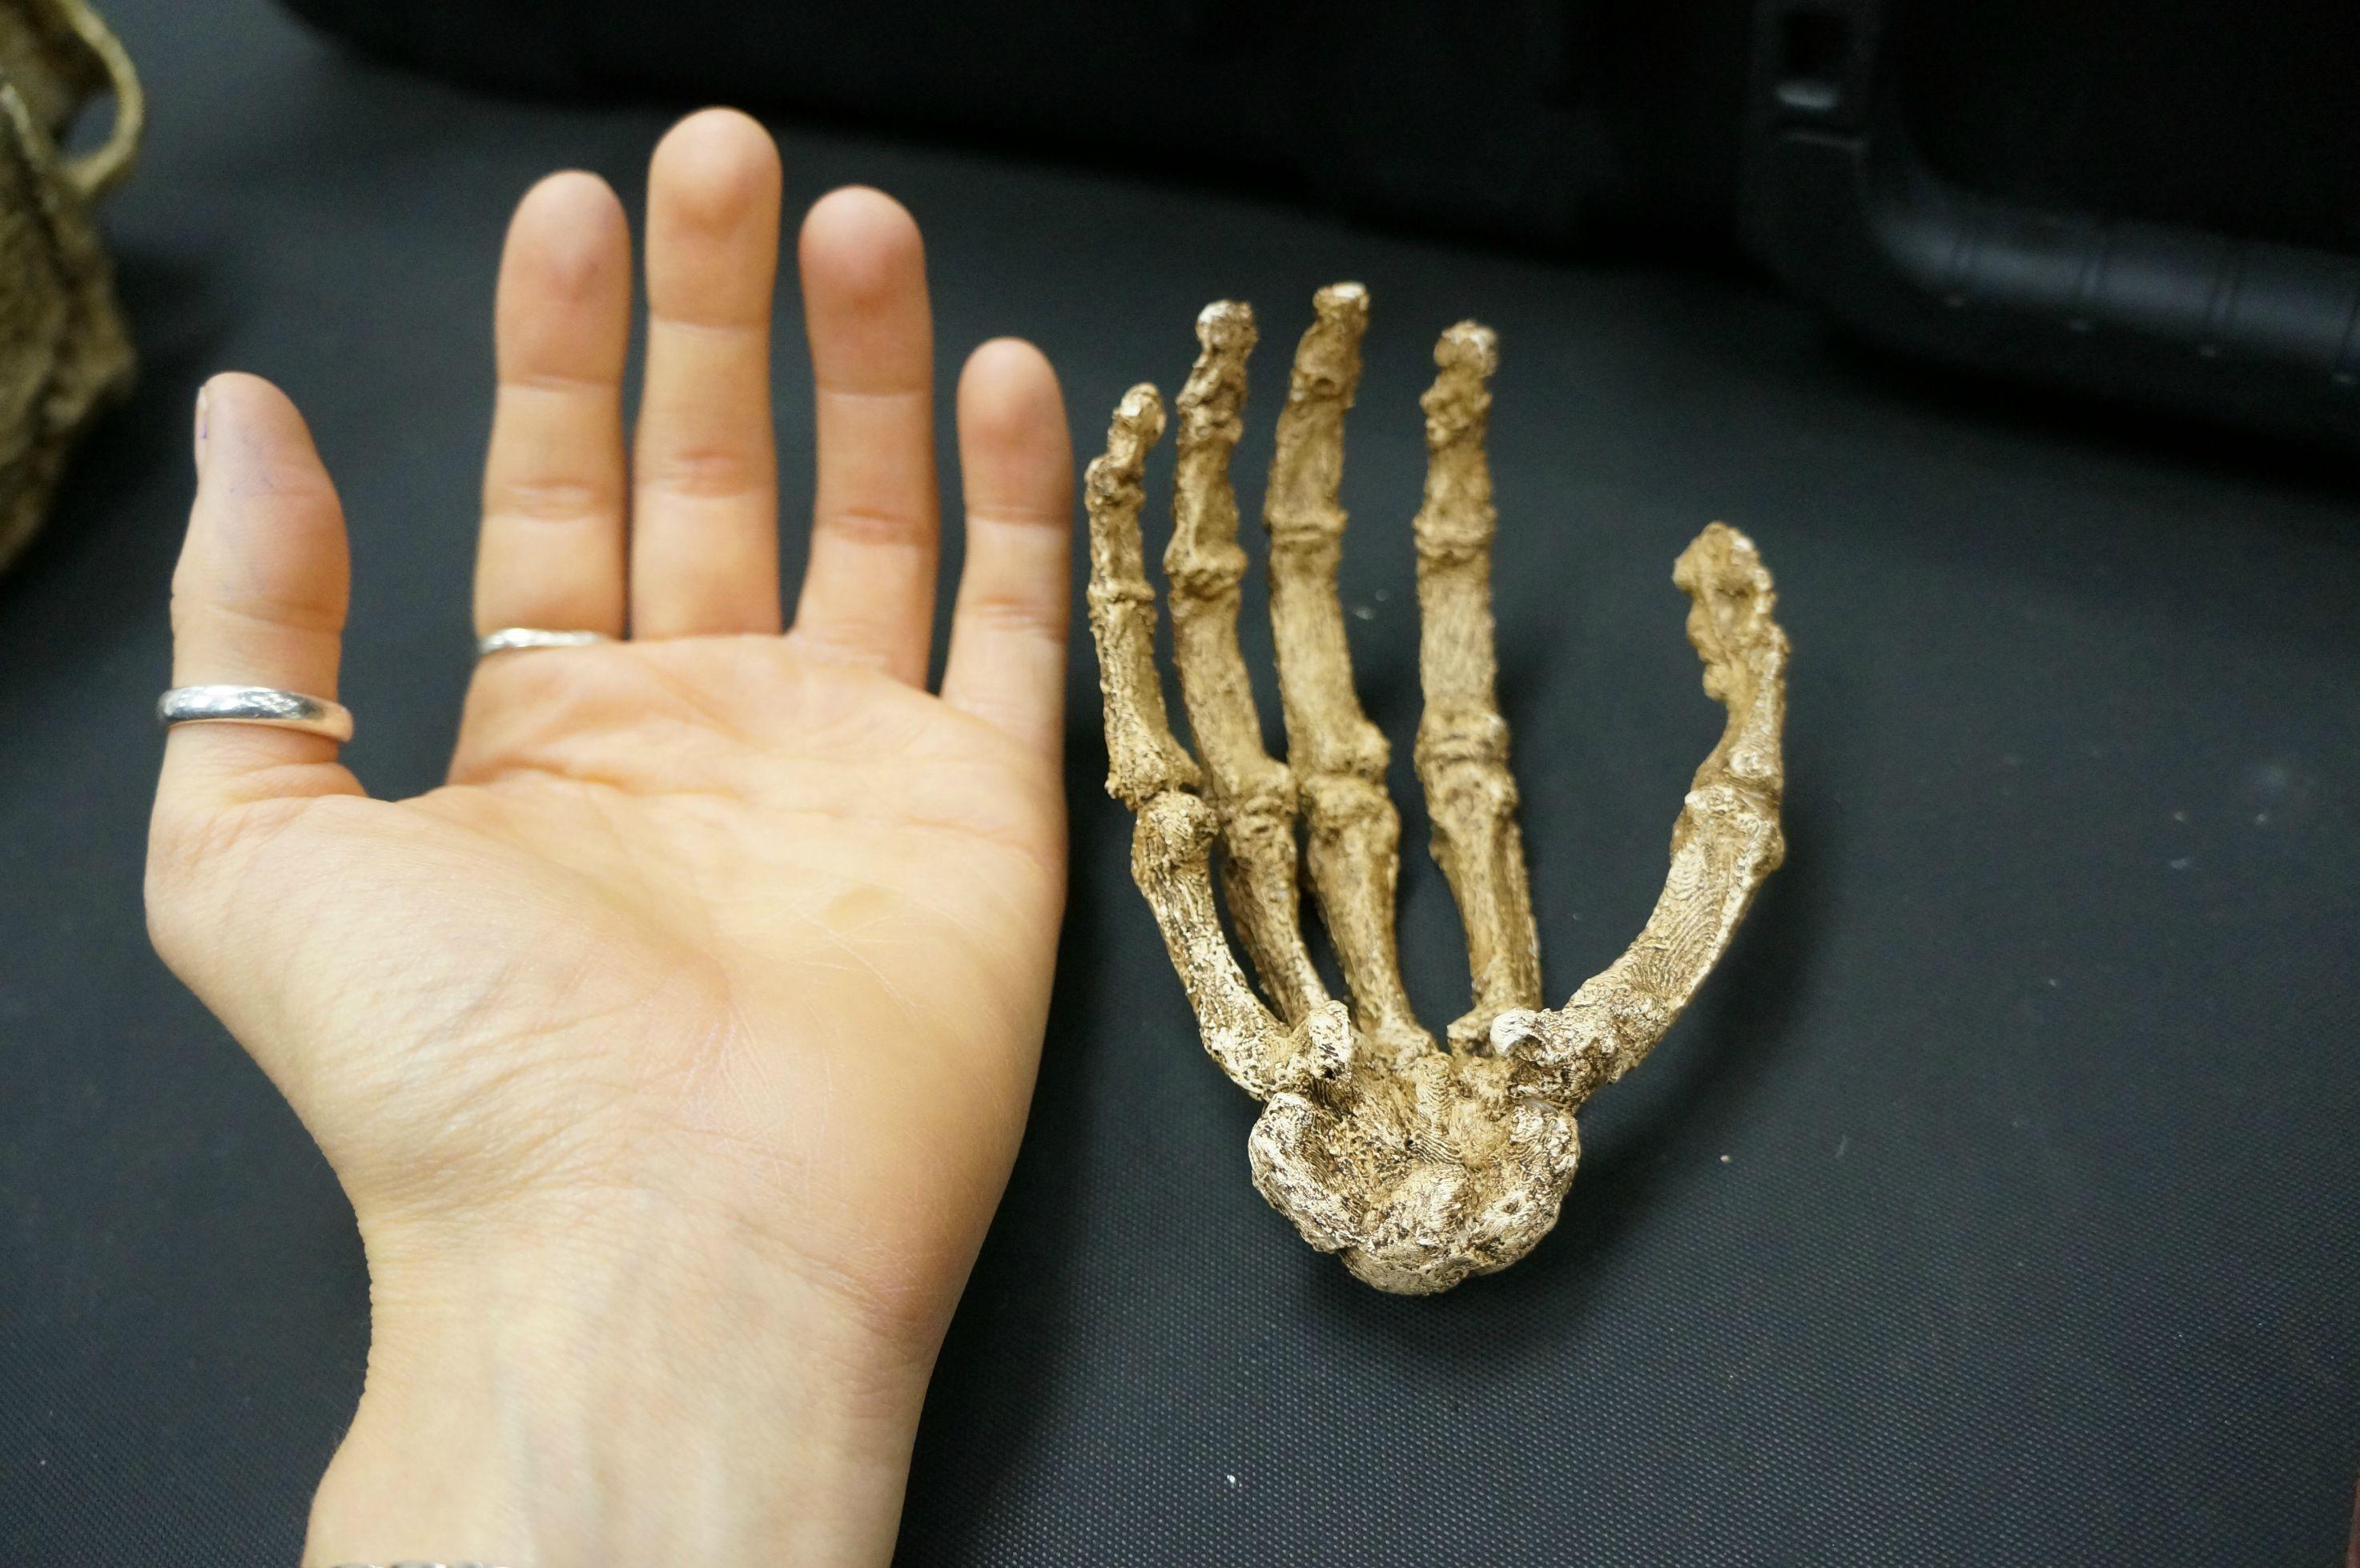 mão humana comparada com a mão do hominídeo - os dedos eram bem mais curvos (Foto: Reprodução)